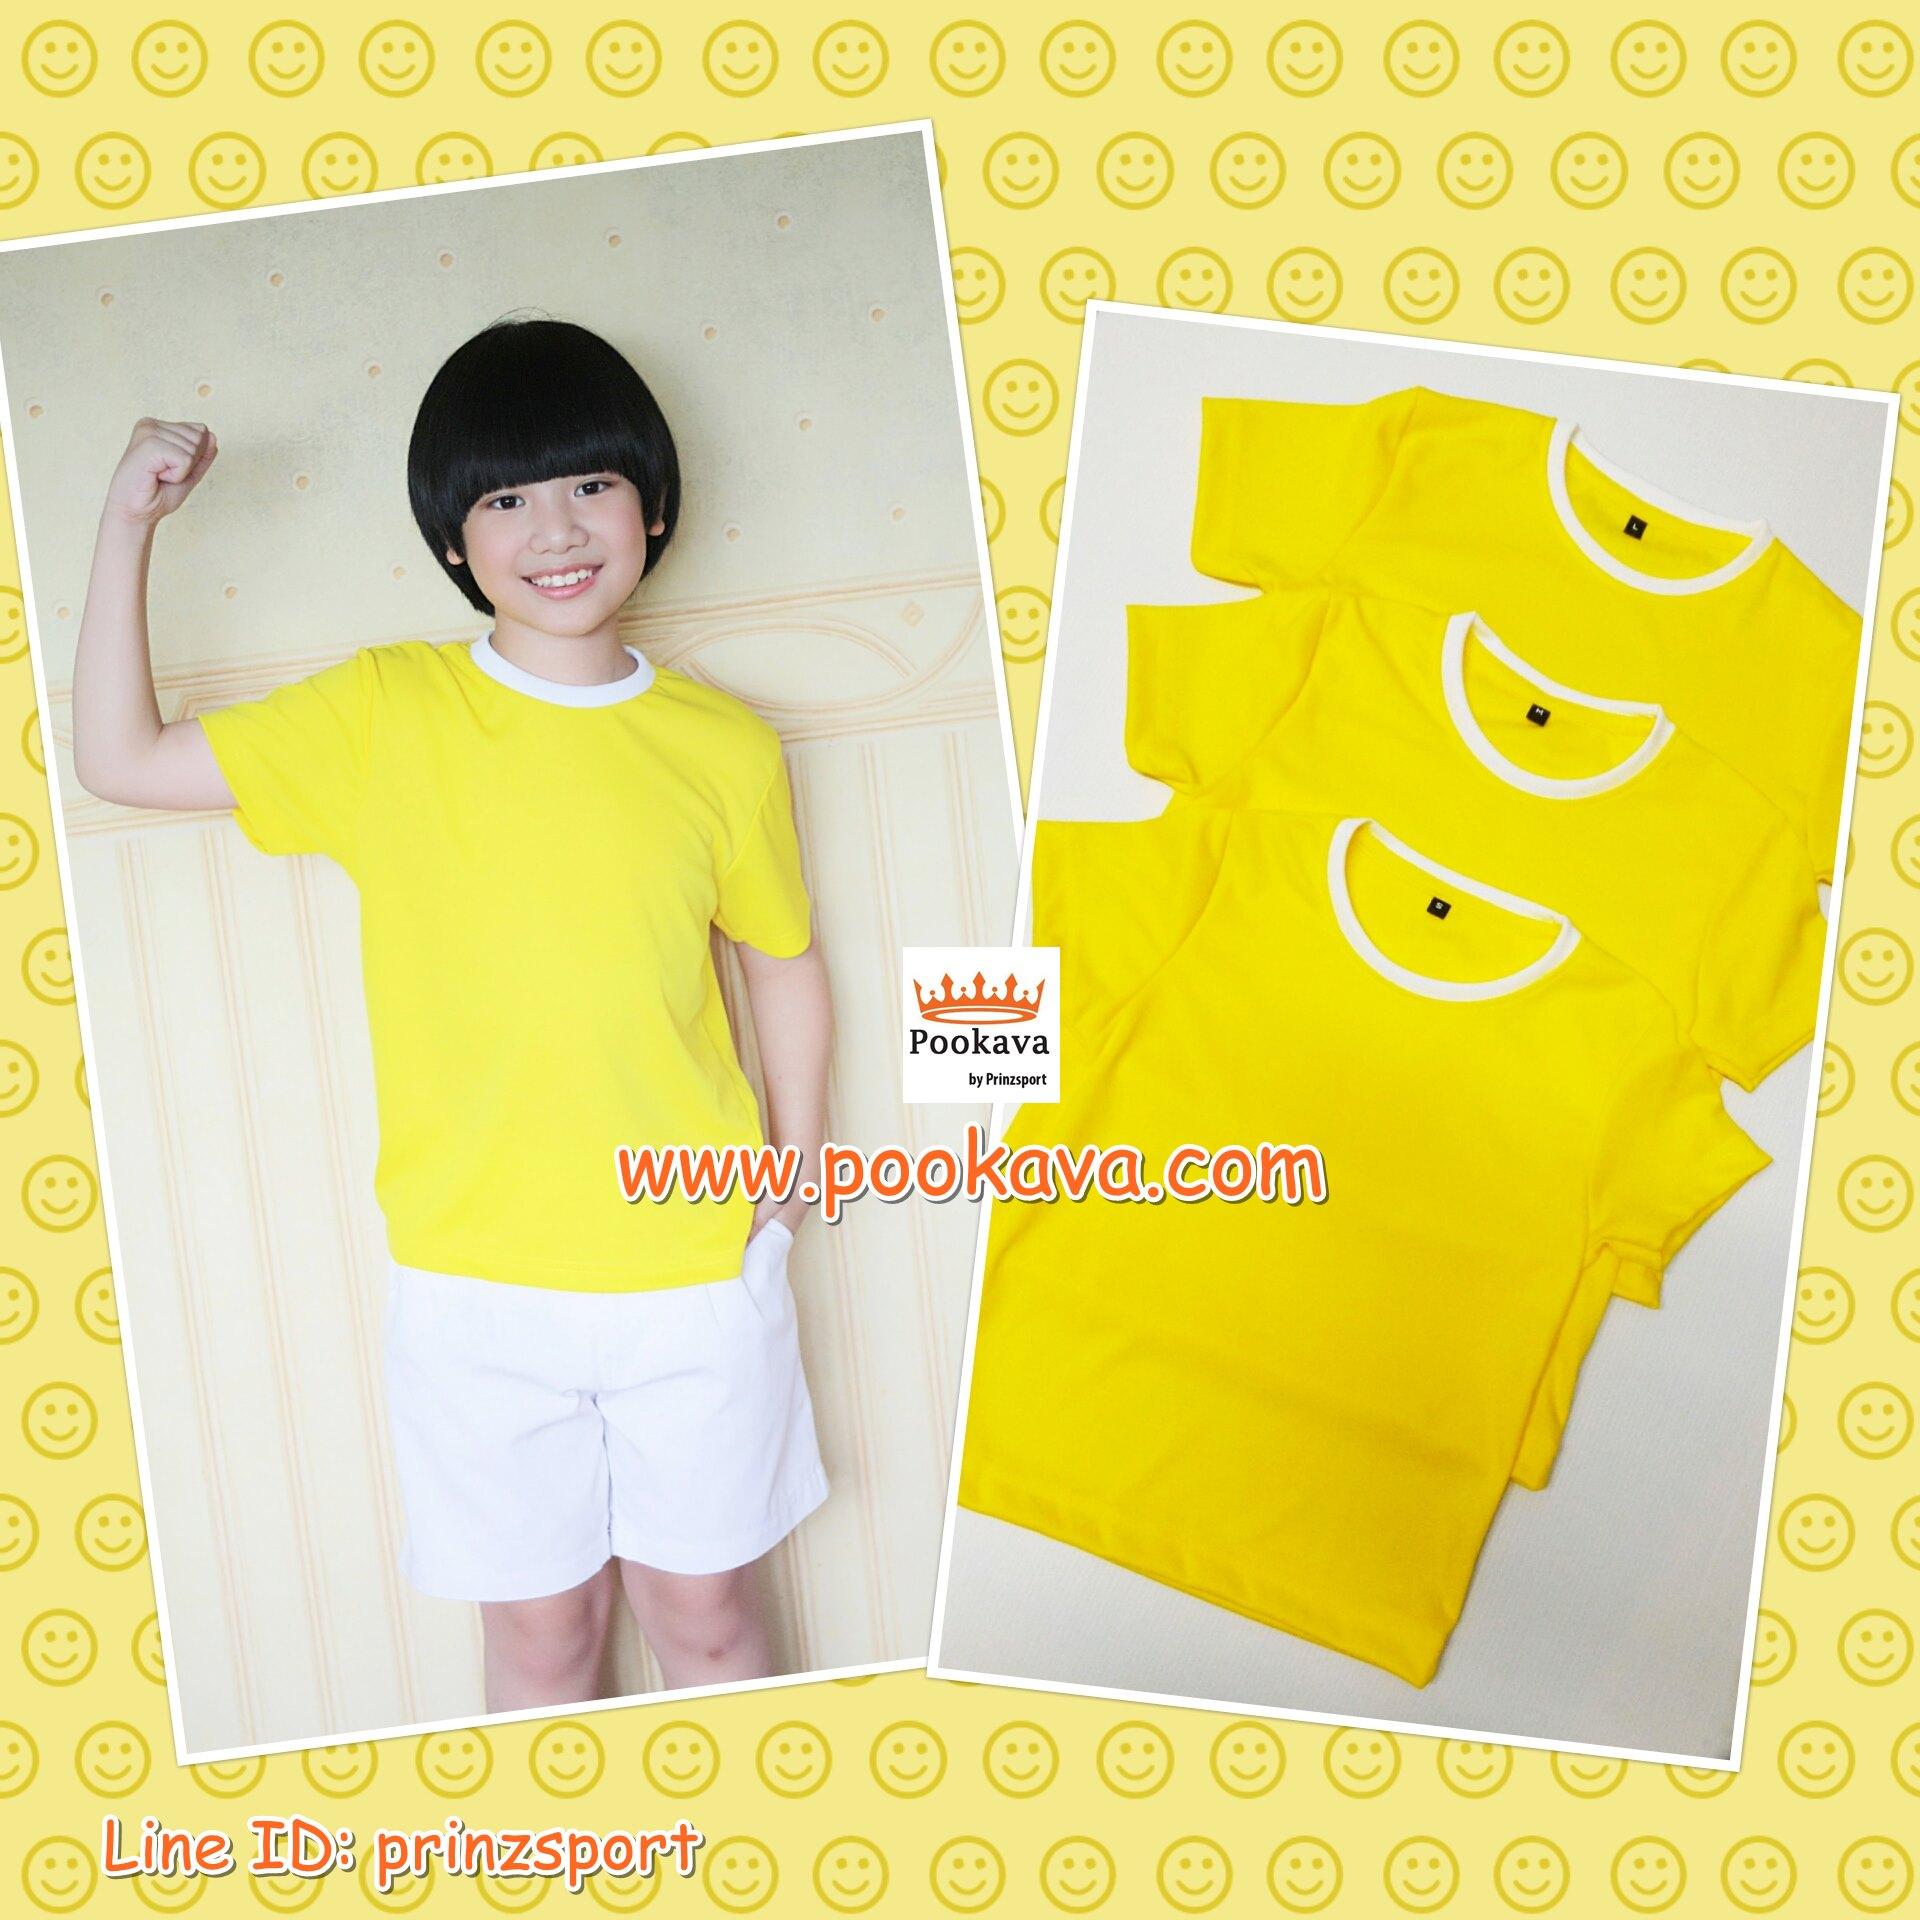 ปลีกตัวละ 50 บาท ไซส์ L เสื้อกีฬาสีเด็ก เสื้อกีฬาเปล่าเด็ก เสื้อกีฬาสีอนุบาล สีเหลือง